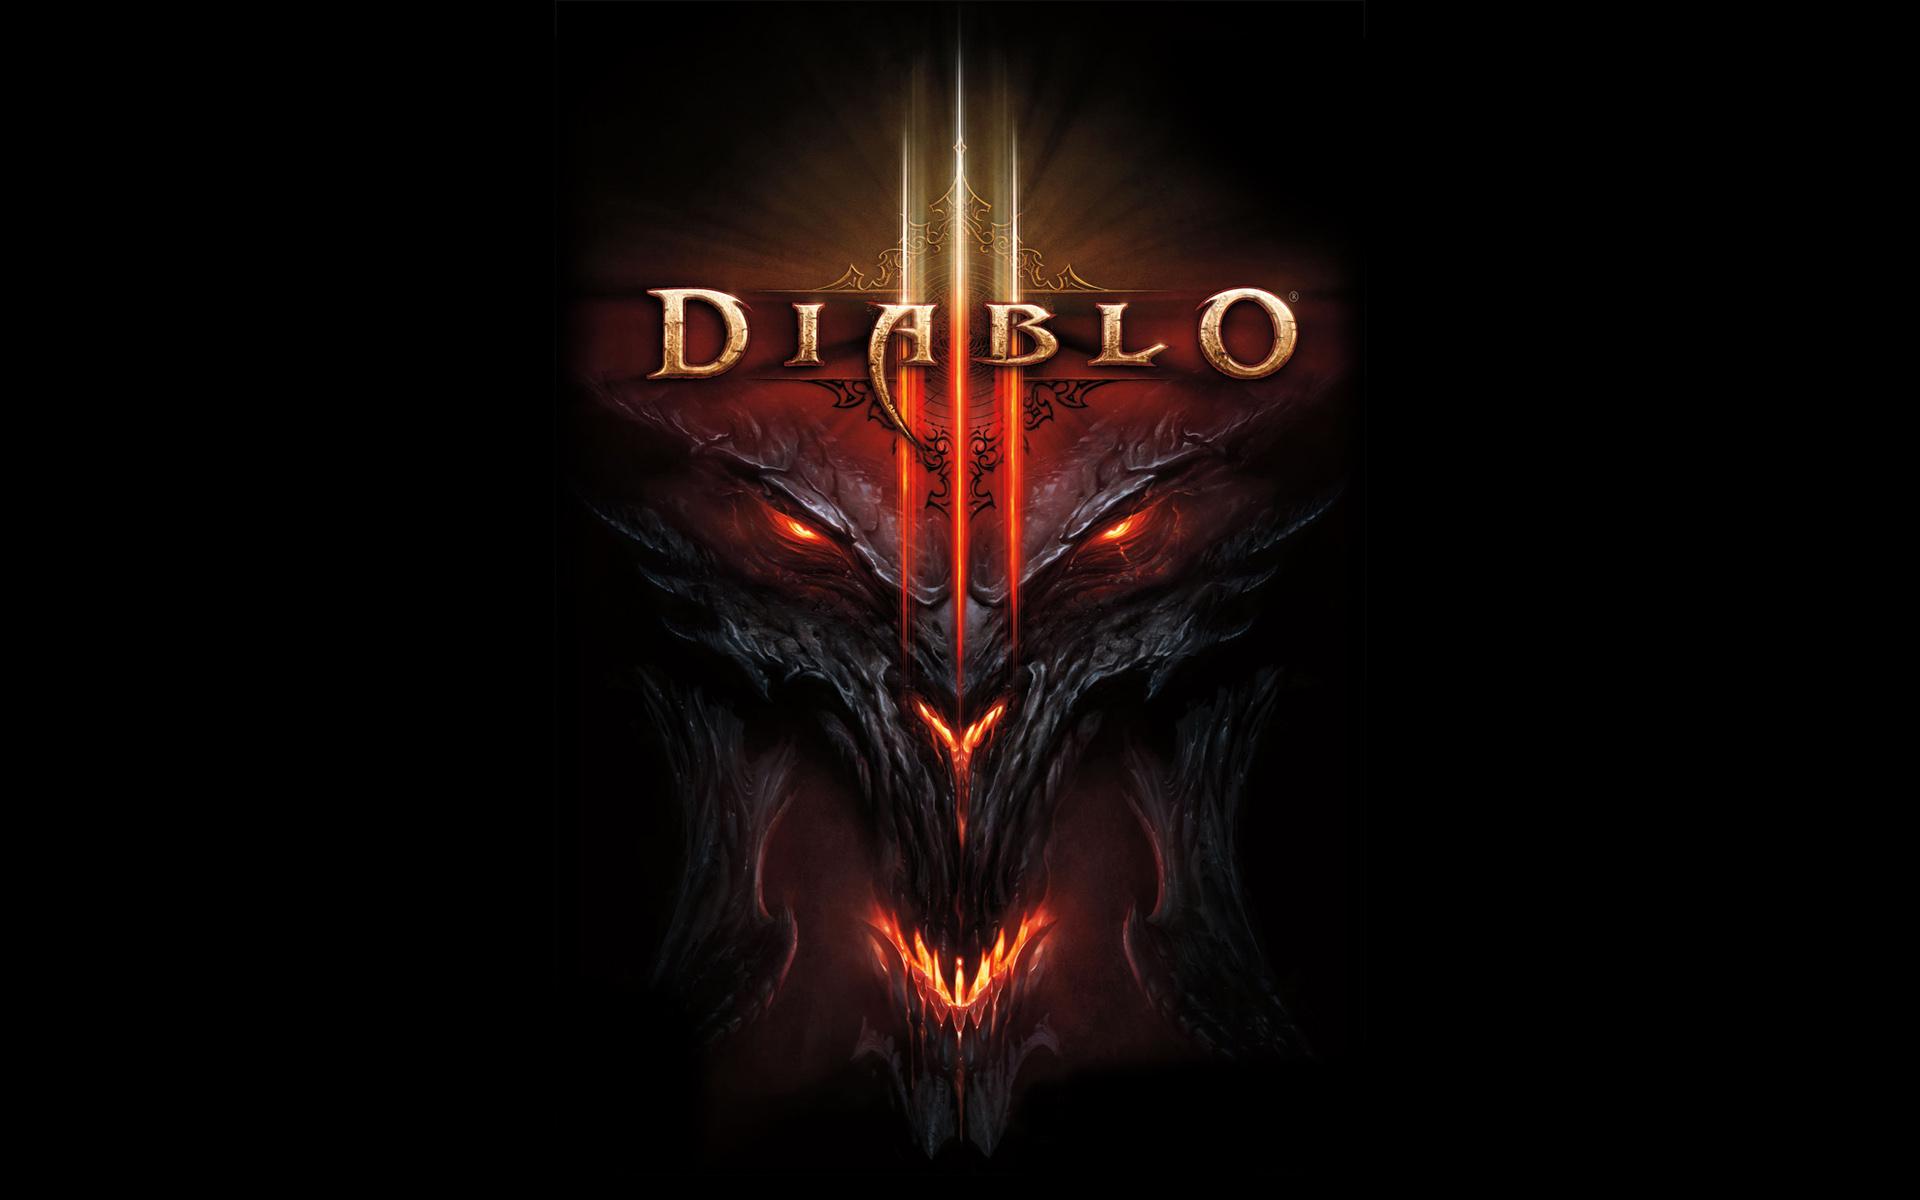 Купить Diablo III аккаунт с полным доступом [BATTLE.NET]